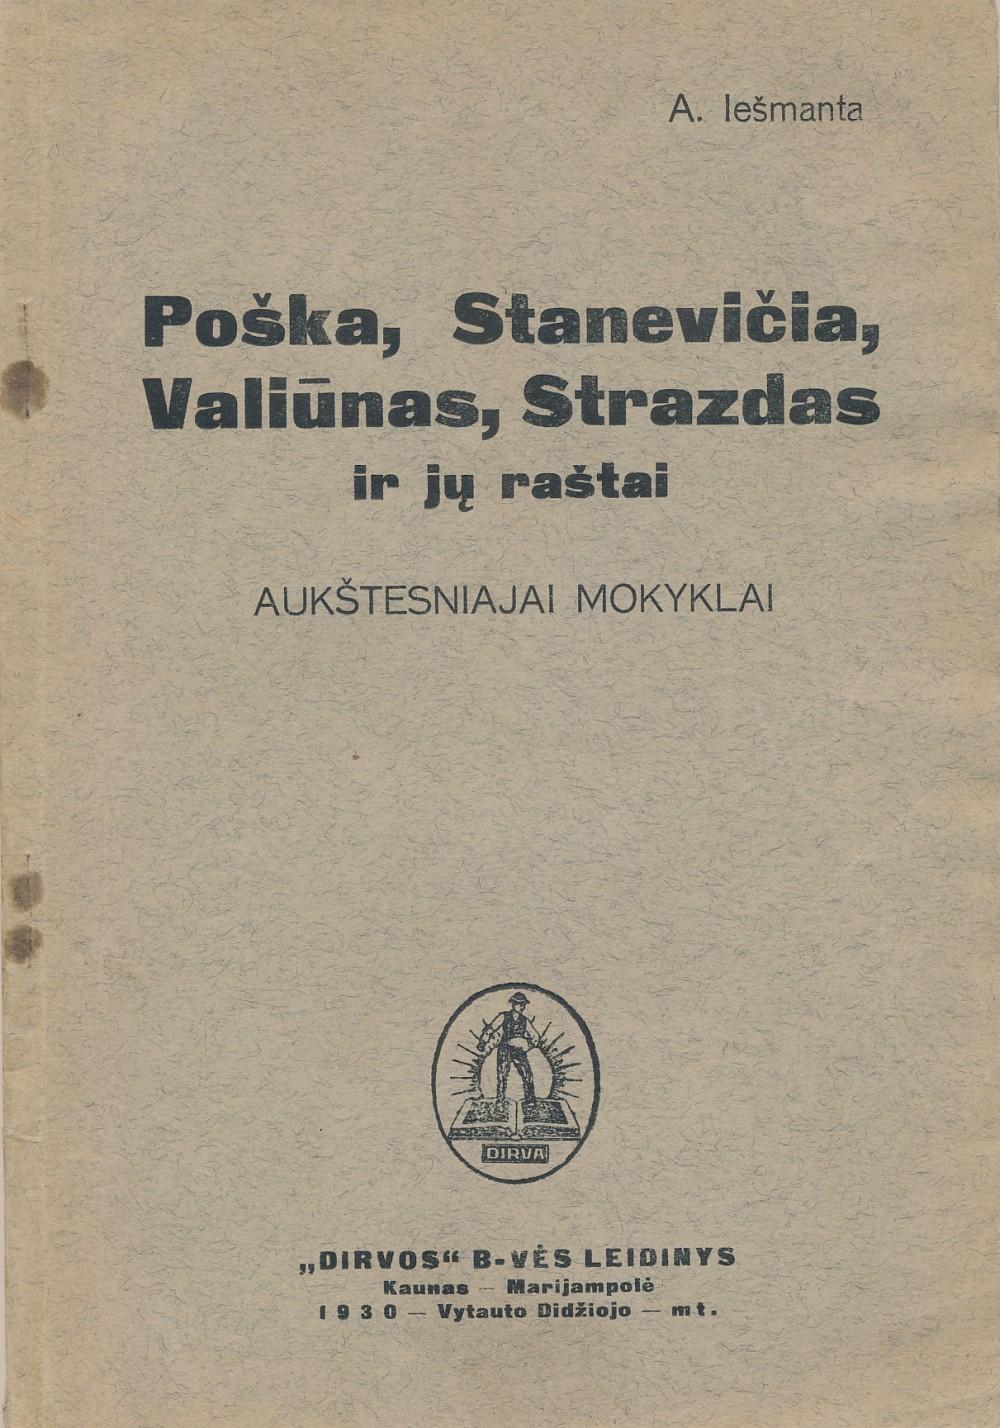 Knygoje pateikiama informacija apie autorius ir spausdinami jų kūrinių tekstai